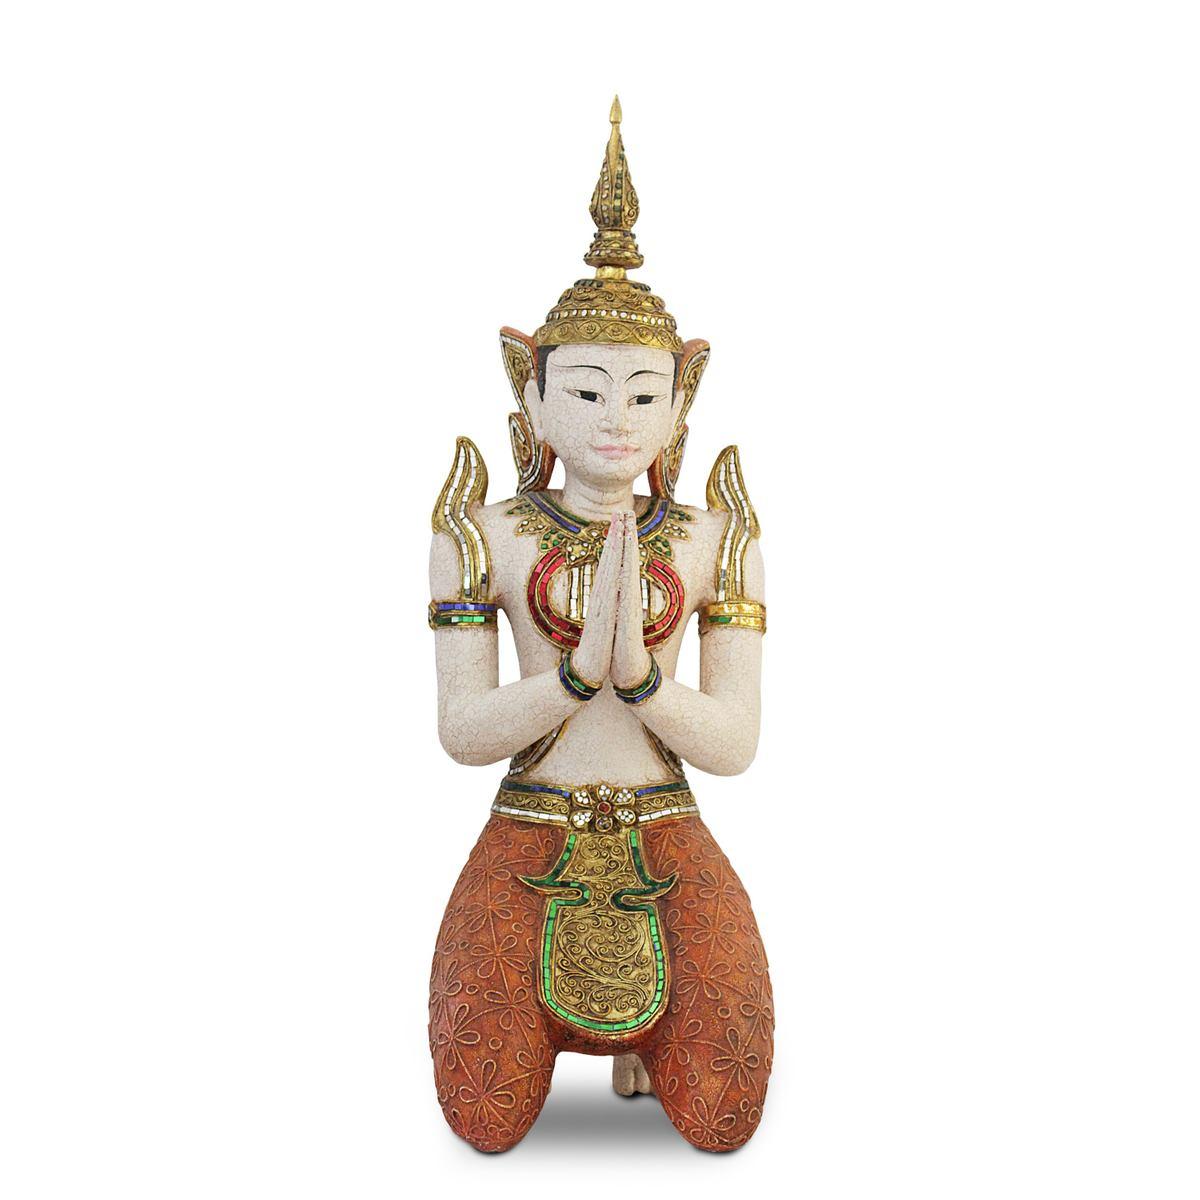 buddha buddhafigur buddhastatue buddhaskulptur tempelwachter ca 80cm hoch akazienholz holz orange weiss